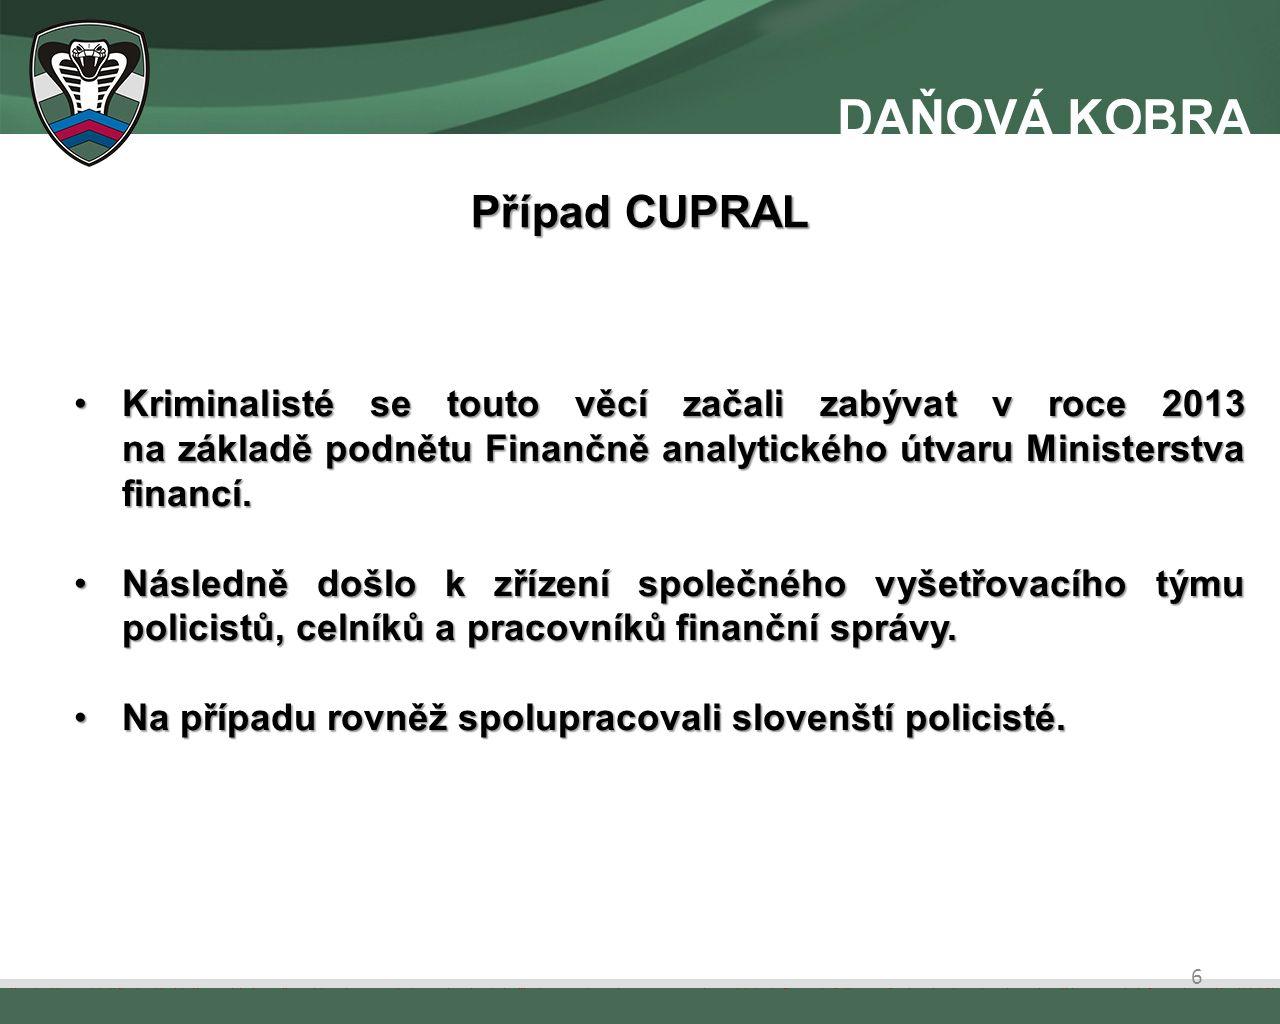 Kriminalisté se touto věcí začali zabývat v roce 2013 na základě podnětu Finančně analytického útvaru Ministerstva financí.Kriminalisté se touto věcí začali zabývat v roce 2013 na základě podnětu Finančně analytického útvaru Ministerstva financí.